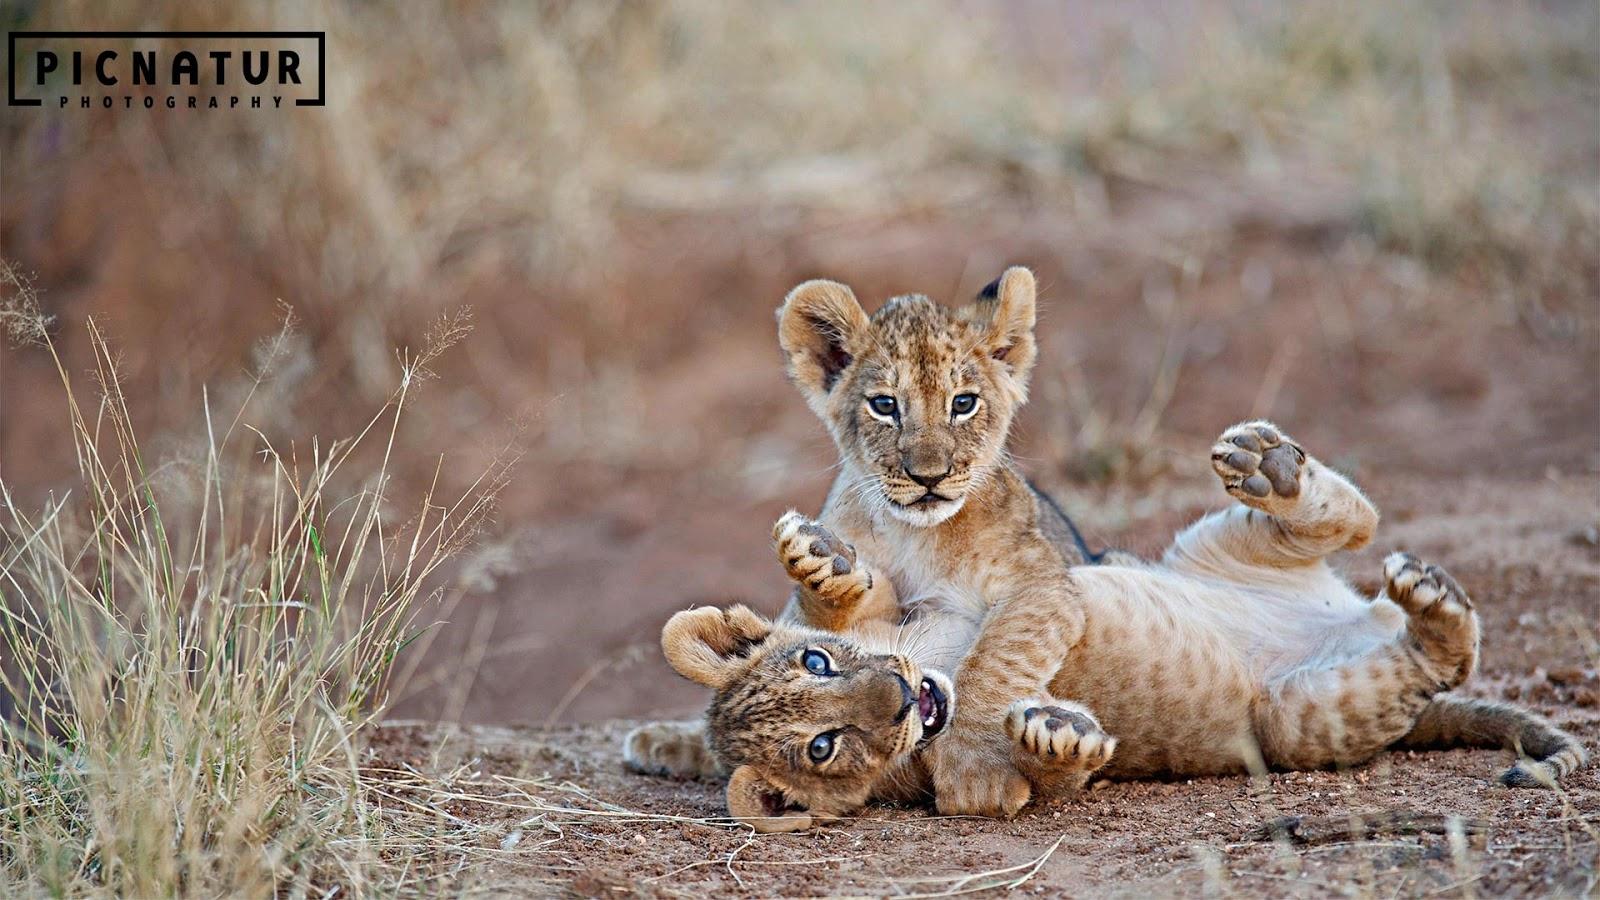 Lion cubs wrestling in Samburu National Reserve, Kenya